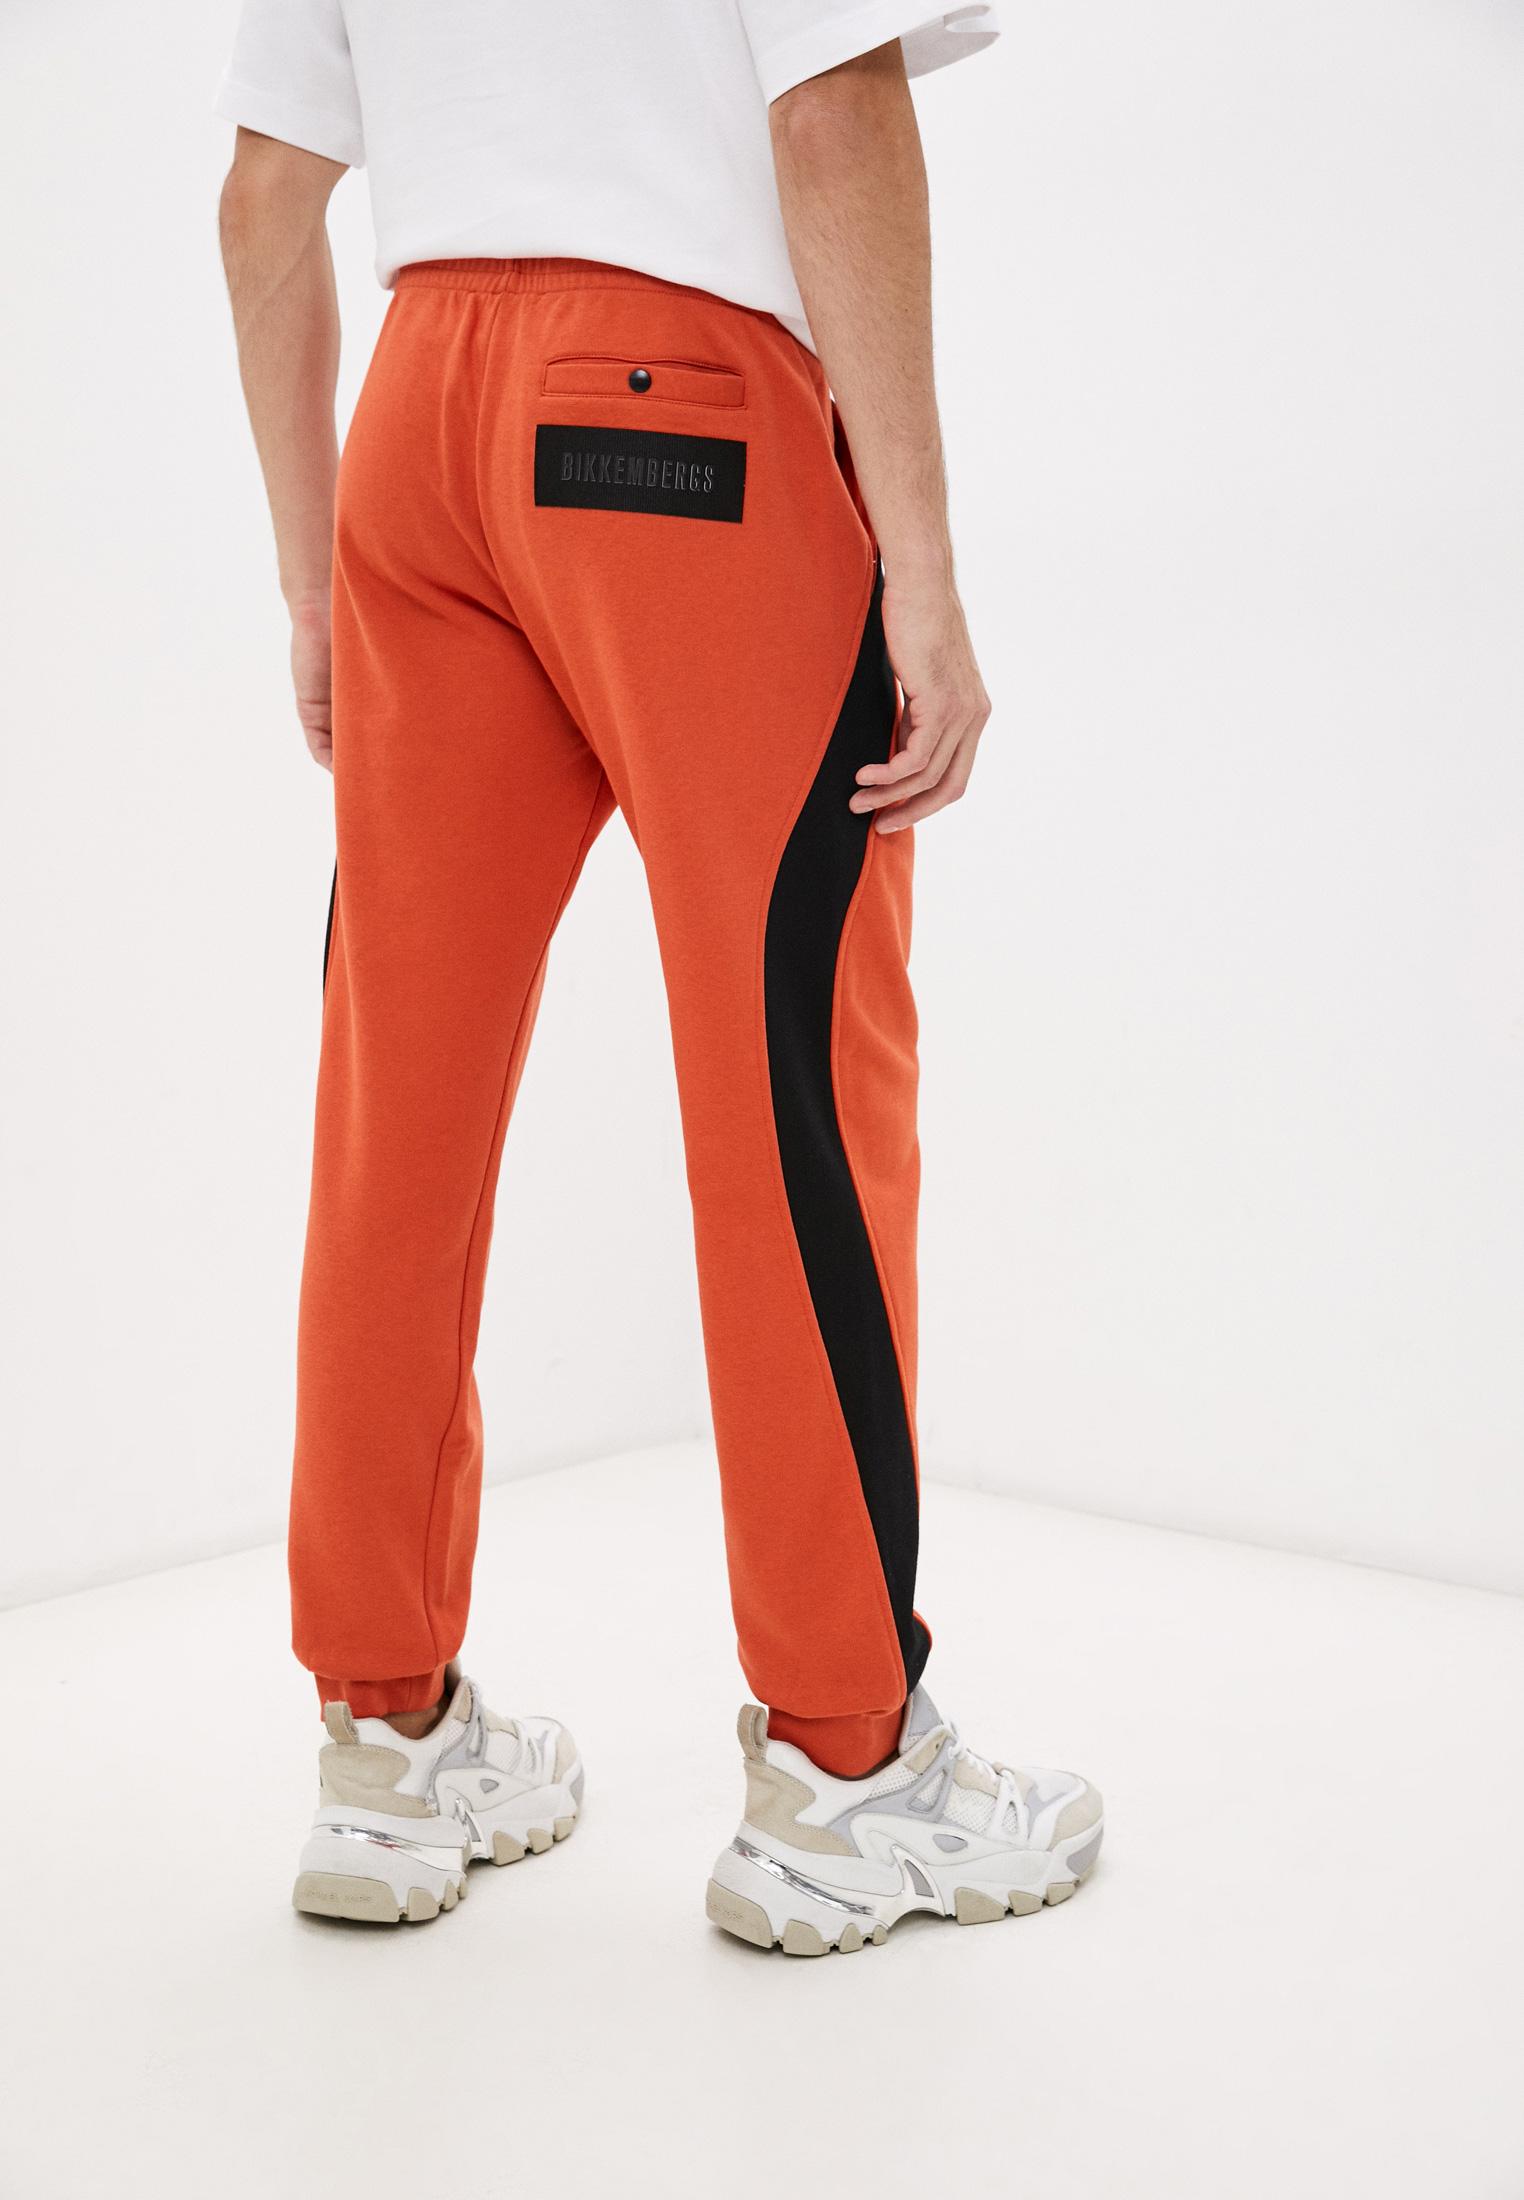 Мужские спортивные брюки Bikkembergs (Биккембергс) C 1 153 00 M 4225: изображение 4